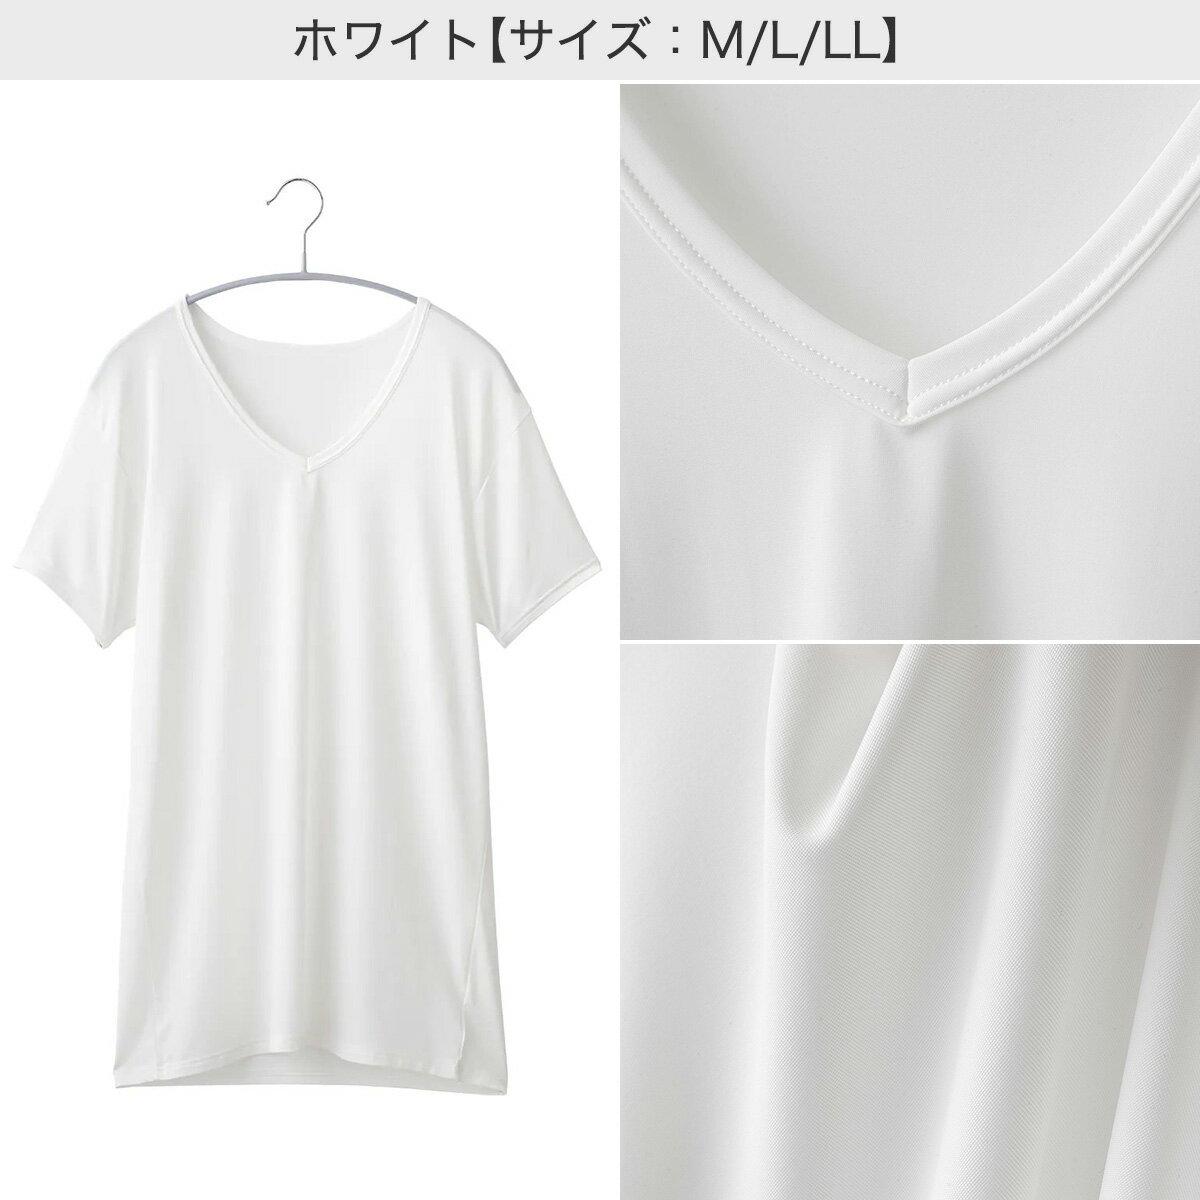 メンズTシャツ(デオドラi-n)ニトリ【玄関先迄納品】【1年保証】〔合計金額11000円以上送料無料対象商品〕